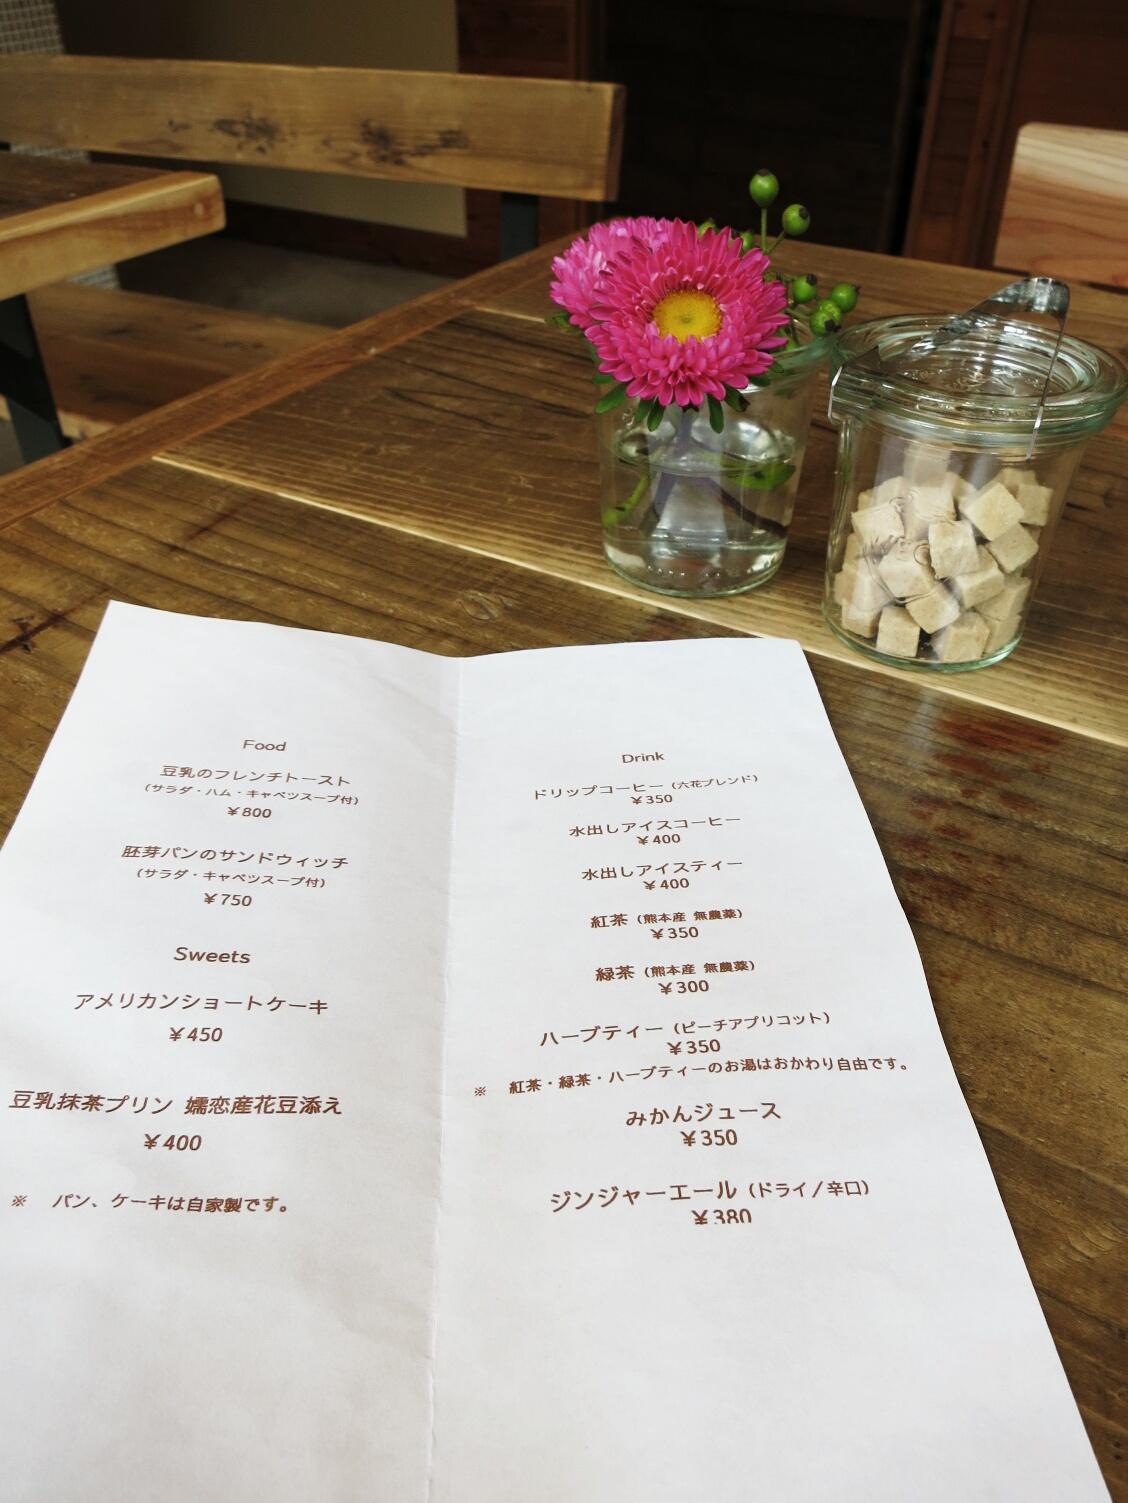 お野菜たっぷり☆六花のサンドイッチ&フレンチトースト@北軽<閉店>_f0236260_14342343.jpg